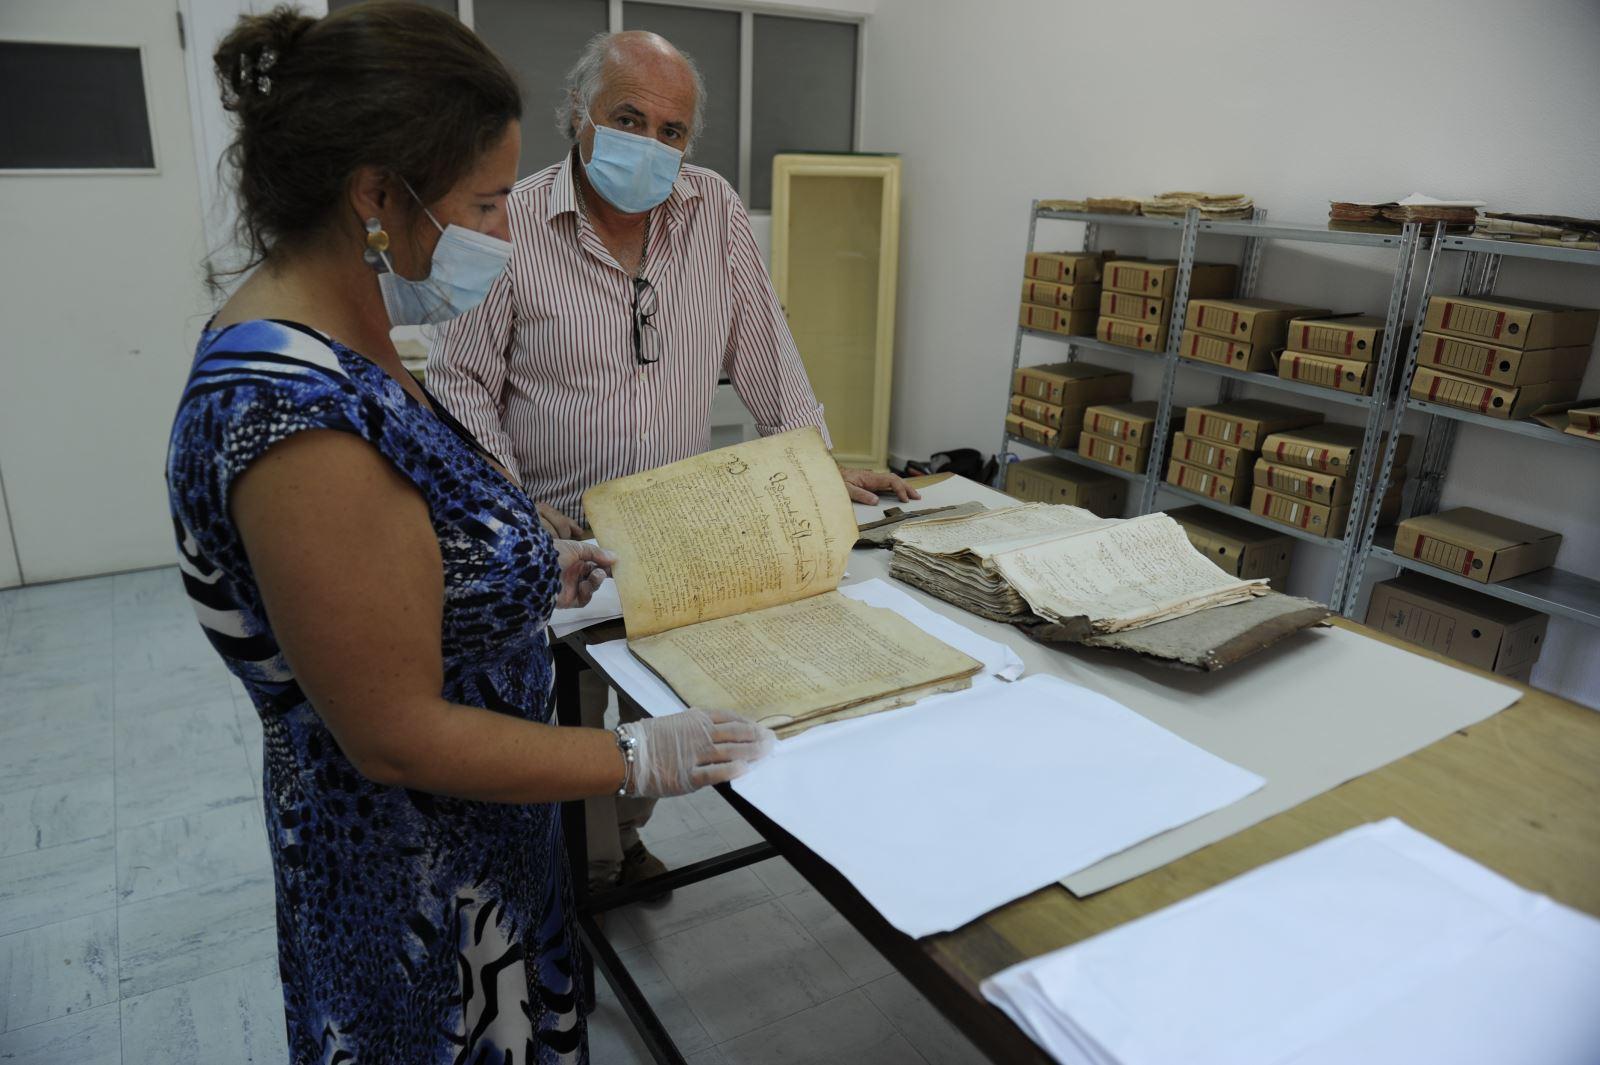 Lourinhã | Acervo documental desvenda história com 600 anos